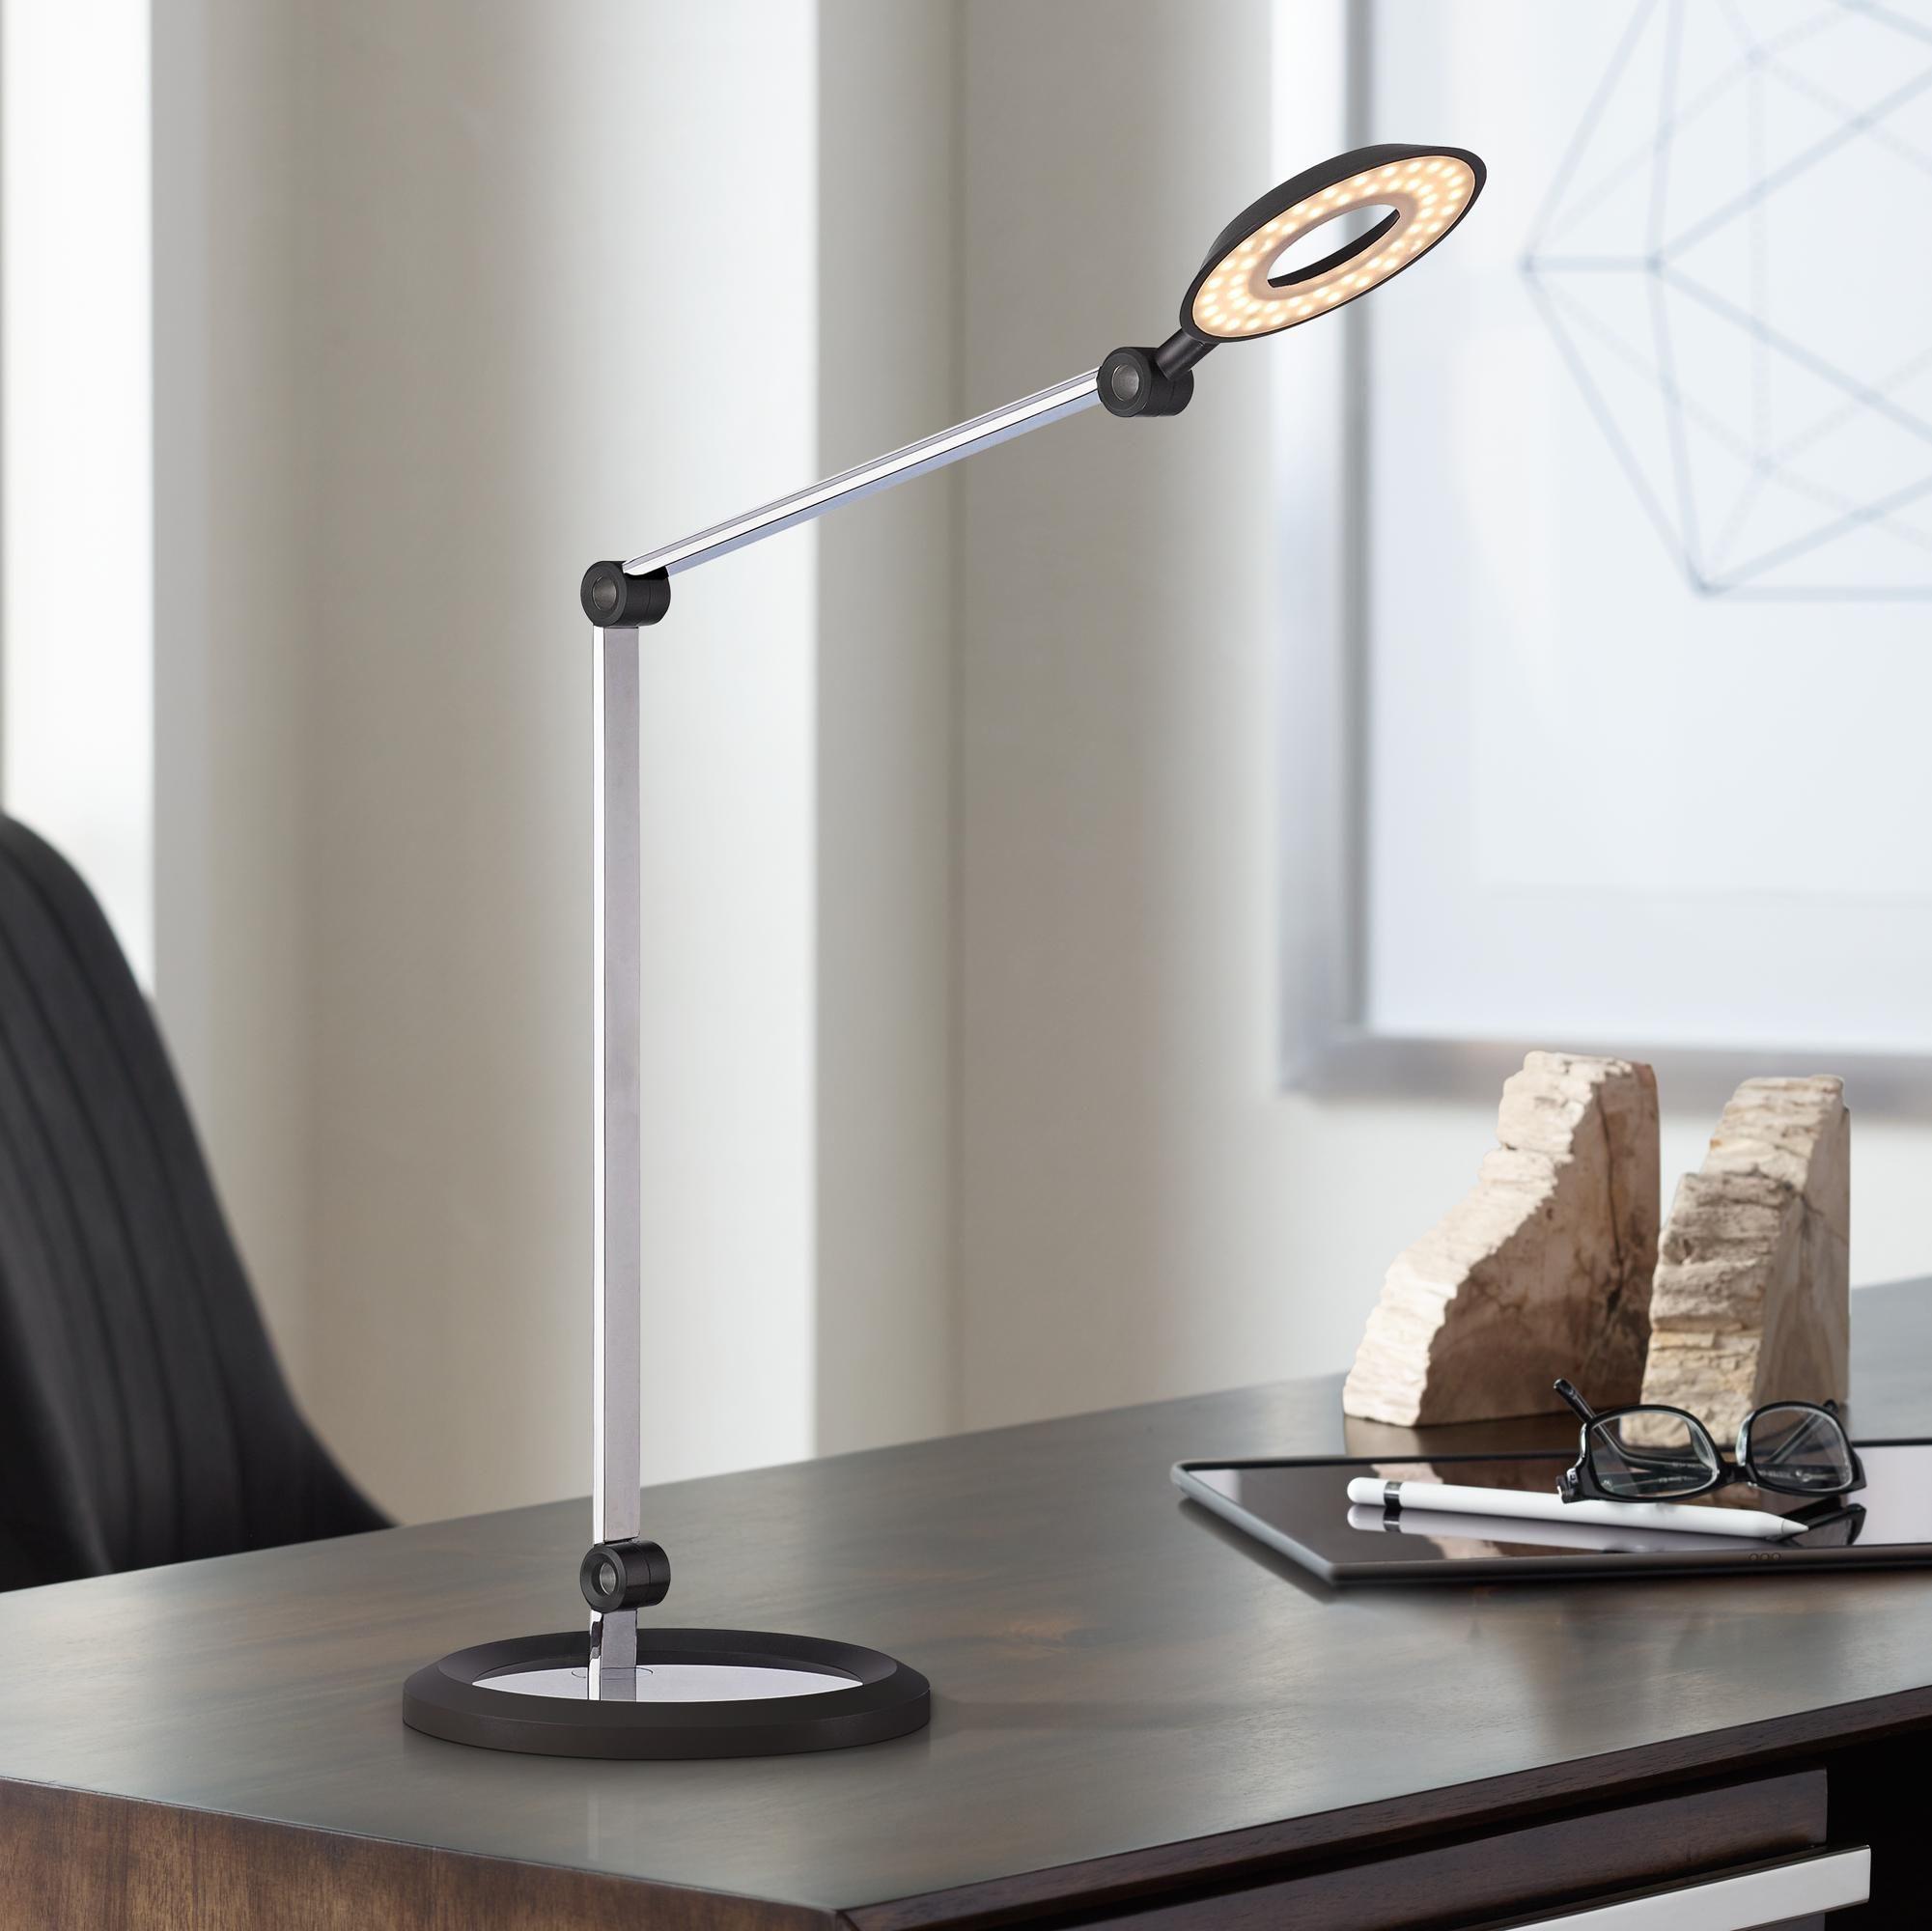 Desk Lamps George Kovacs Mason Chrome Led Desk Lamp In 2020 Desk Lamp Led Desk Lamp Desk Lamp Design